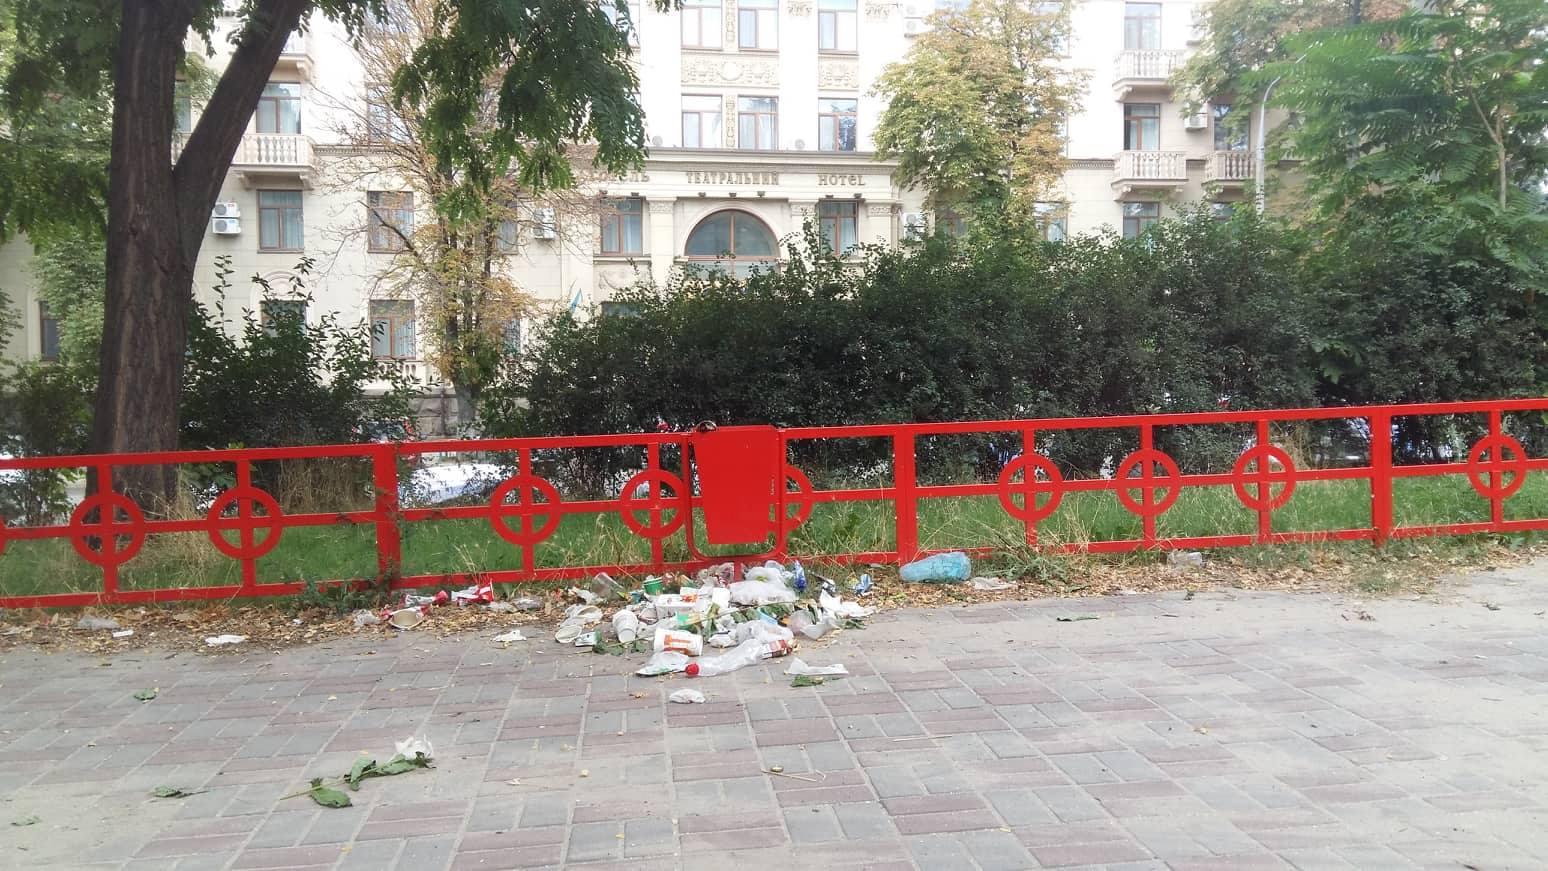 В центре города маленькие запорожцы вынуждены гулять в свалках и фекалиях – ФОТОРЕПОРТАЖ